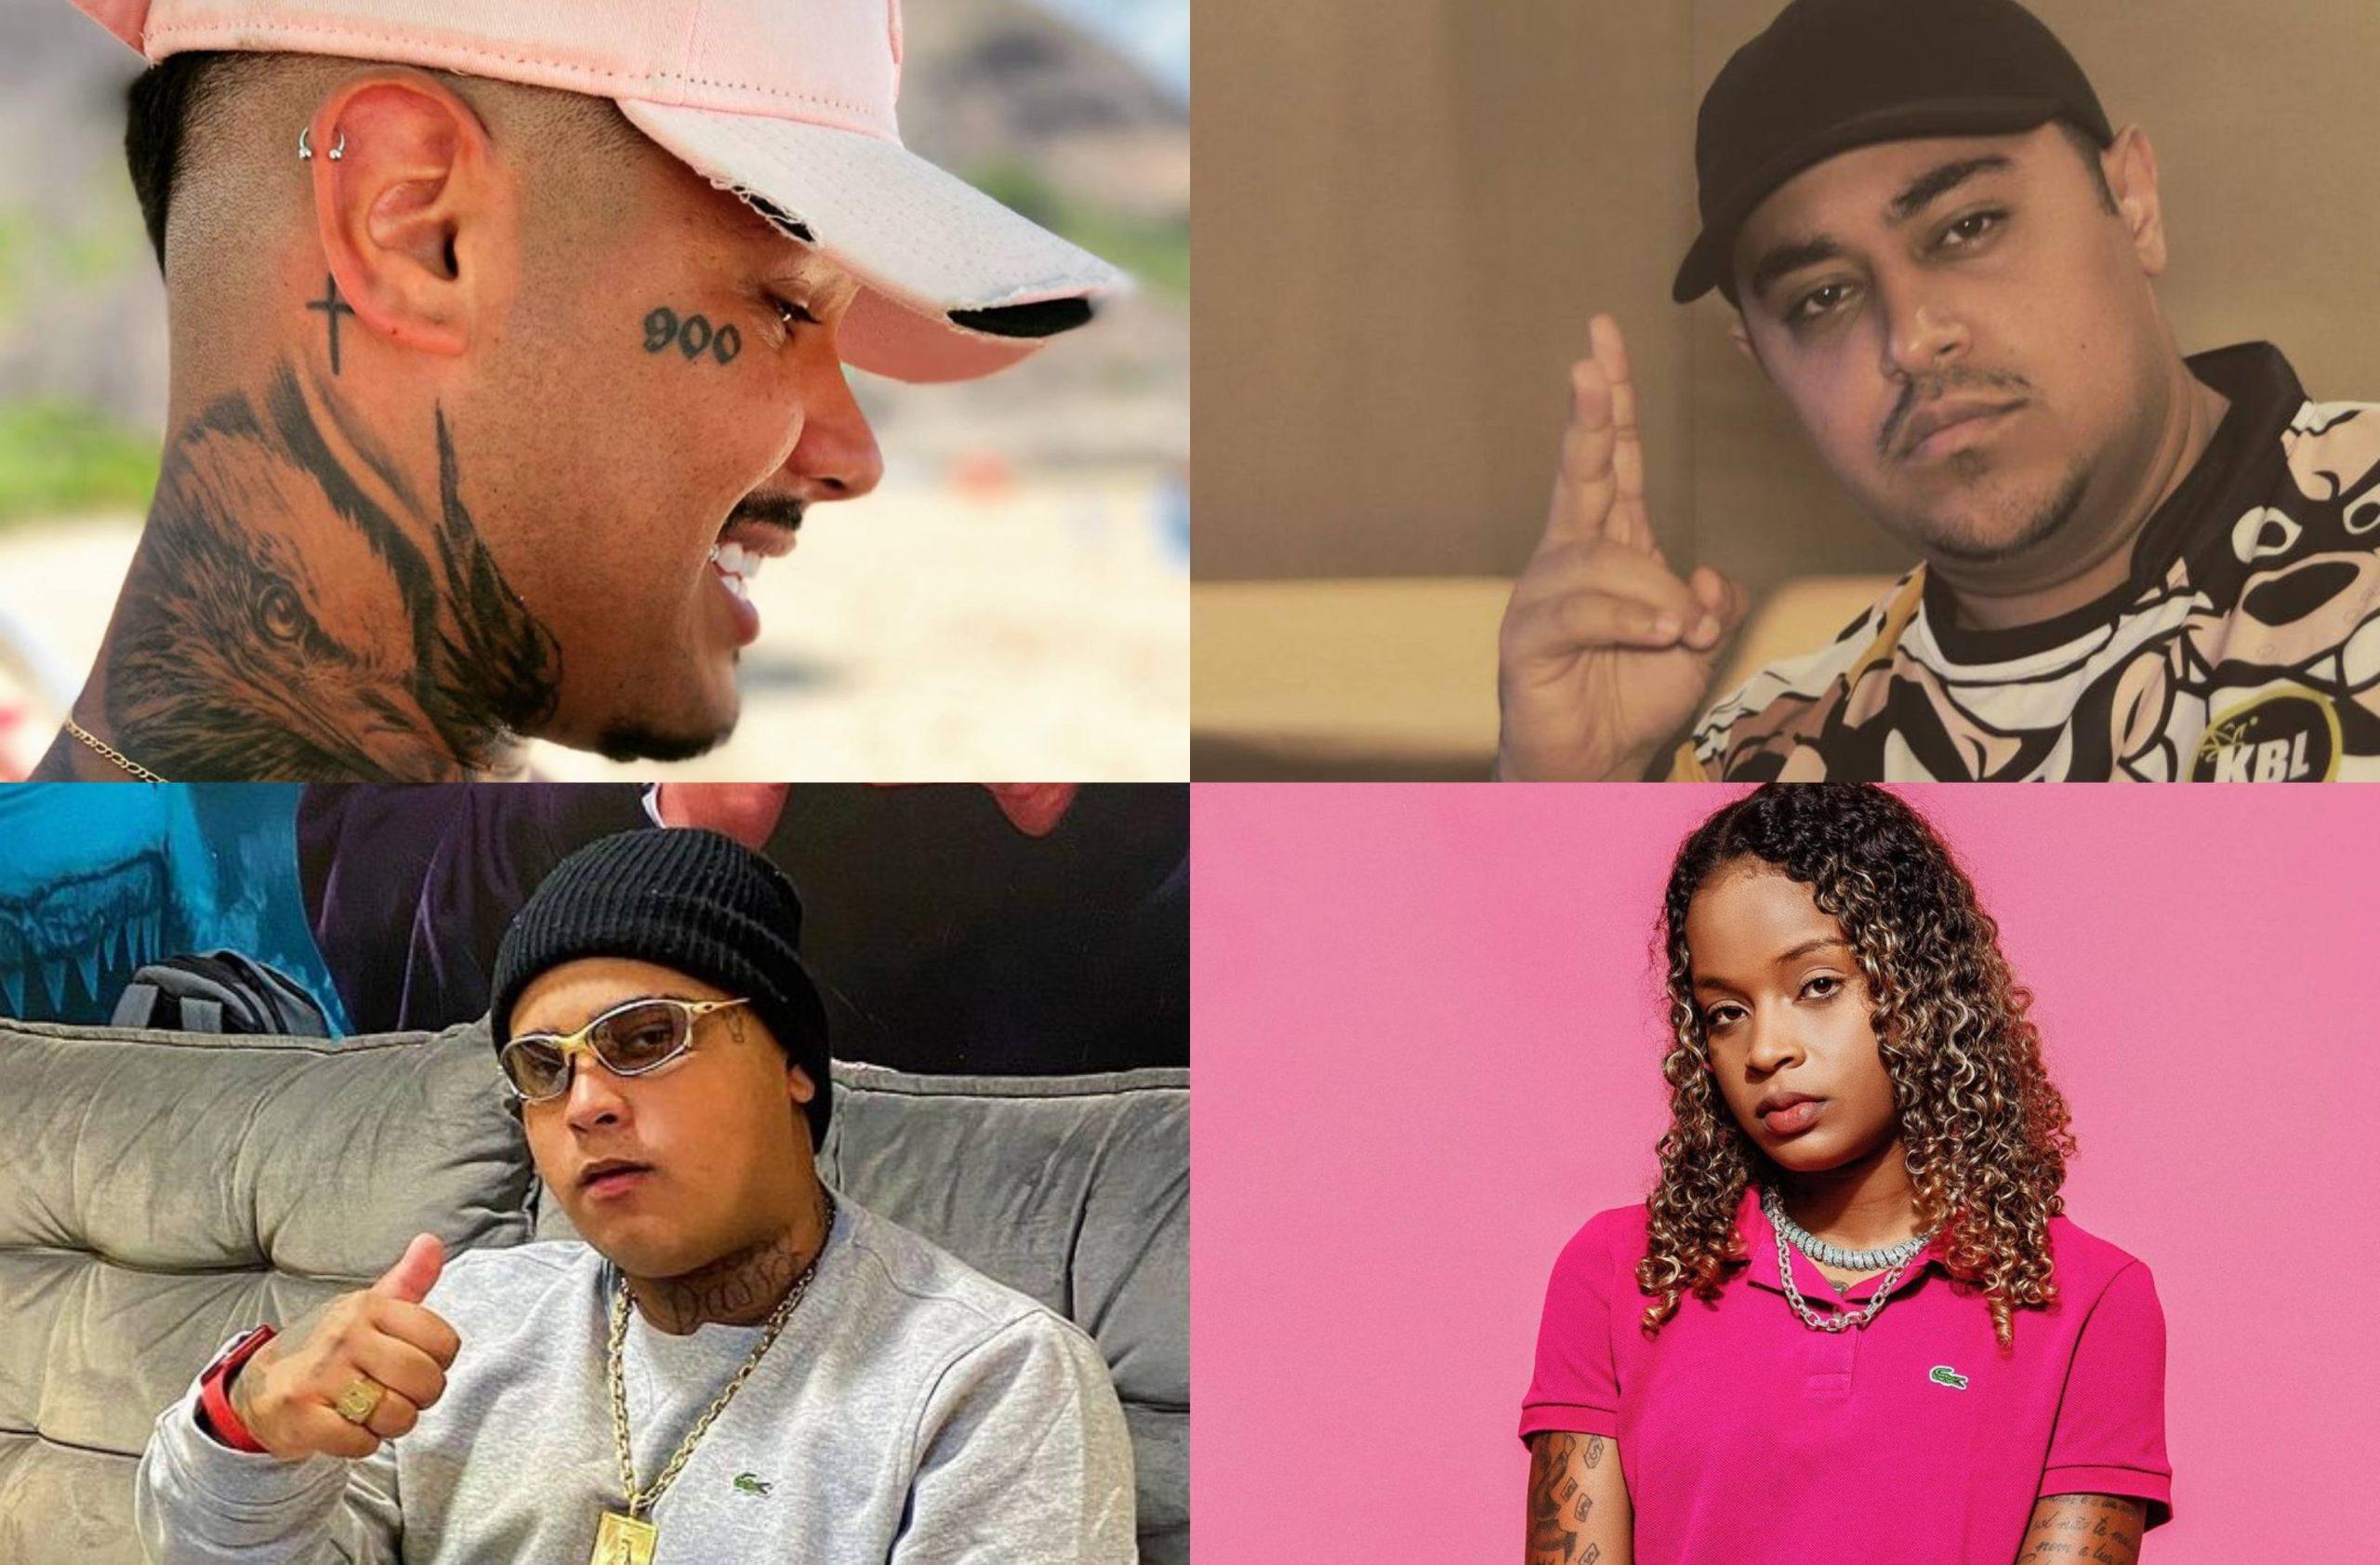 Perera DJ e DJ 900 preparam set com MC Dricka, MC Ryan SP e outros nomes